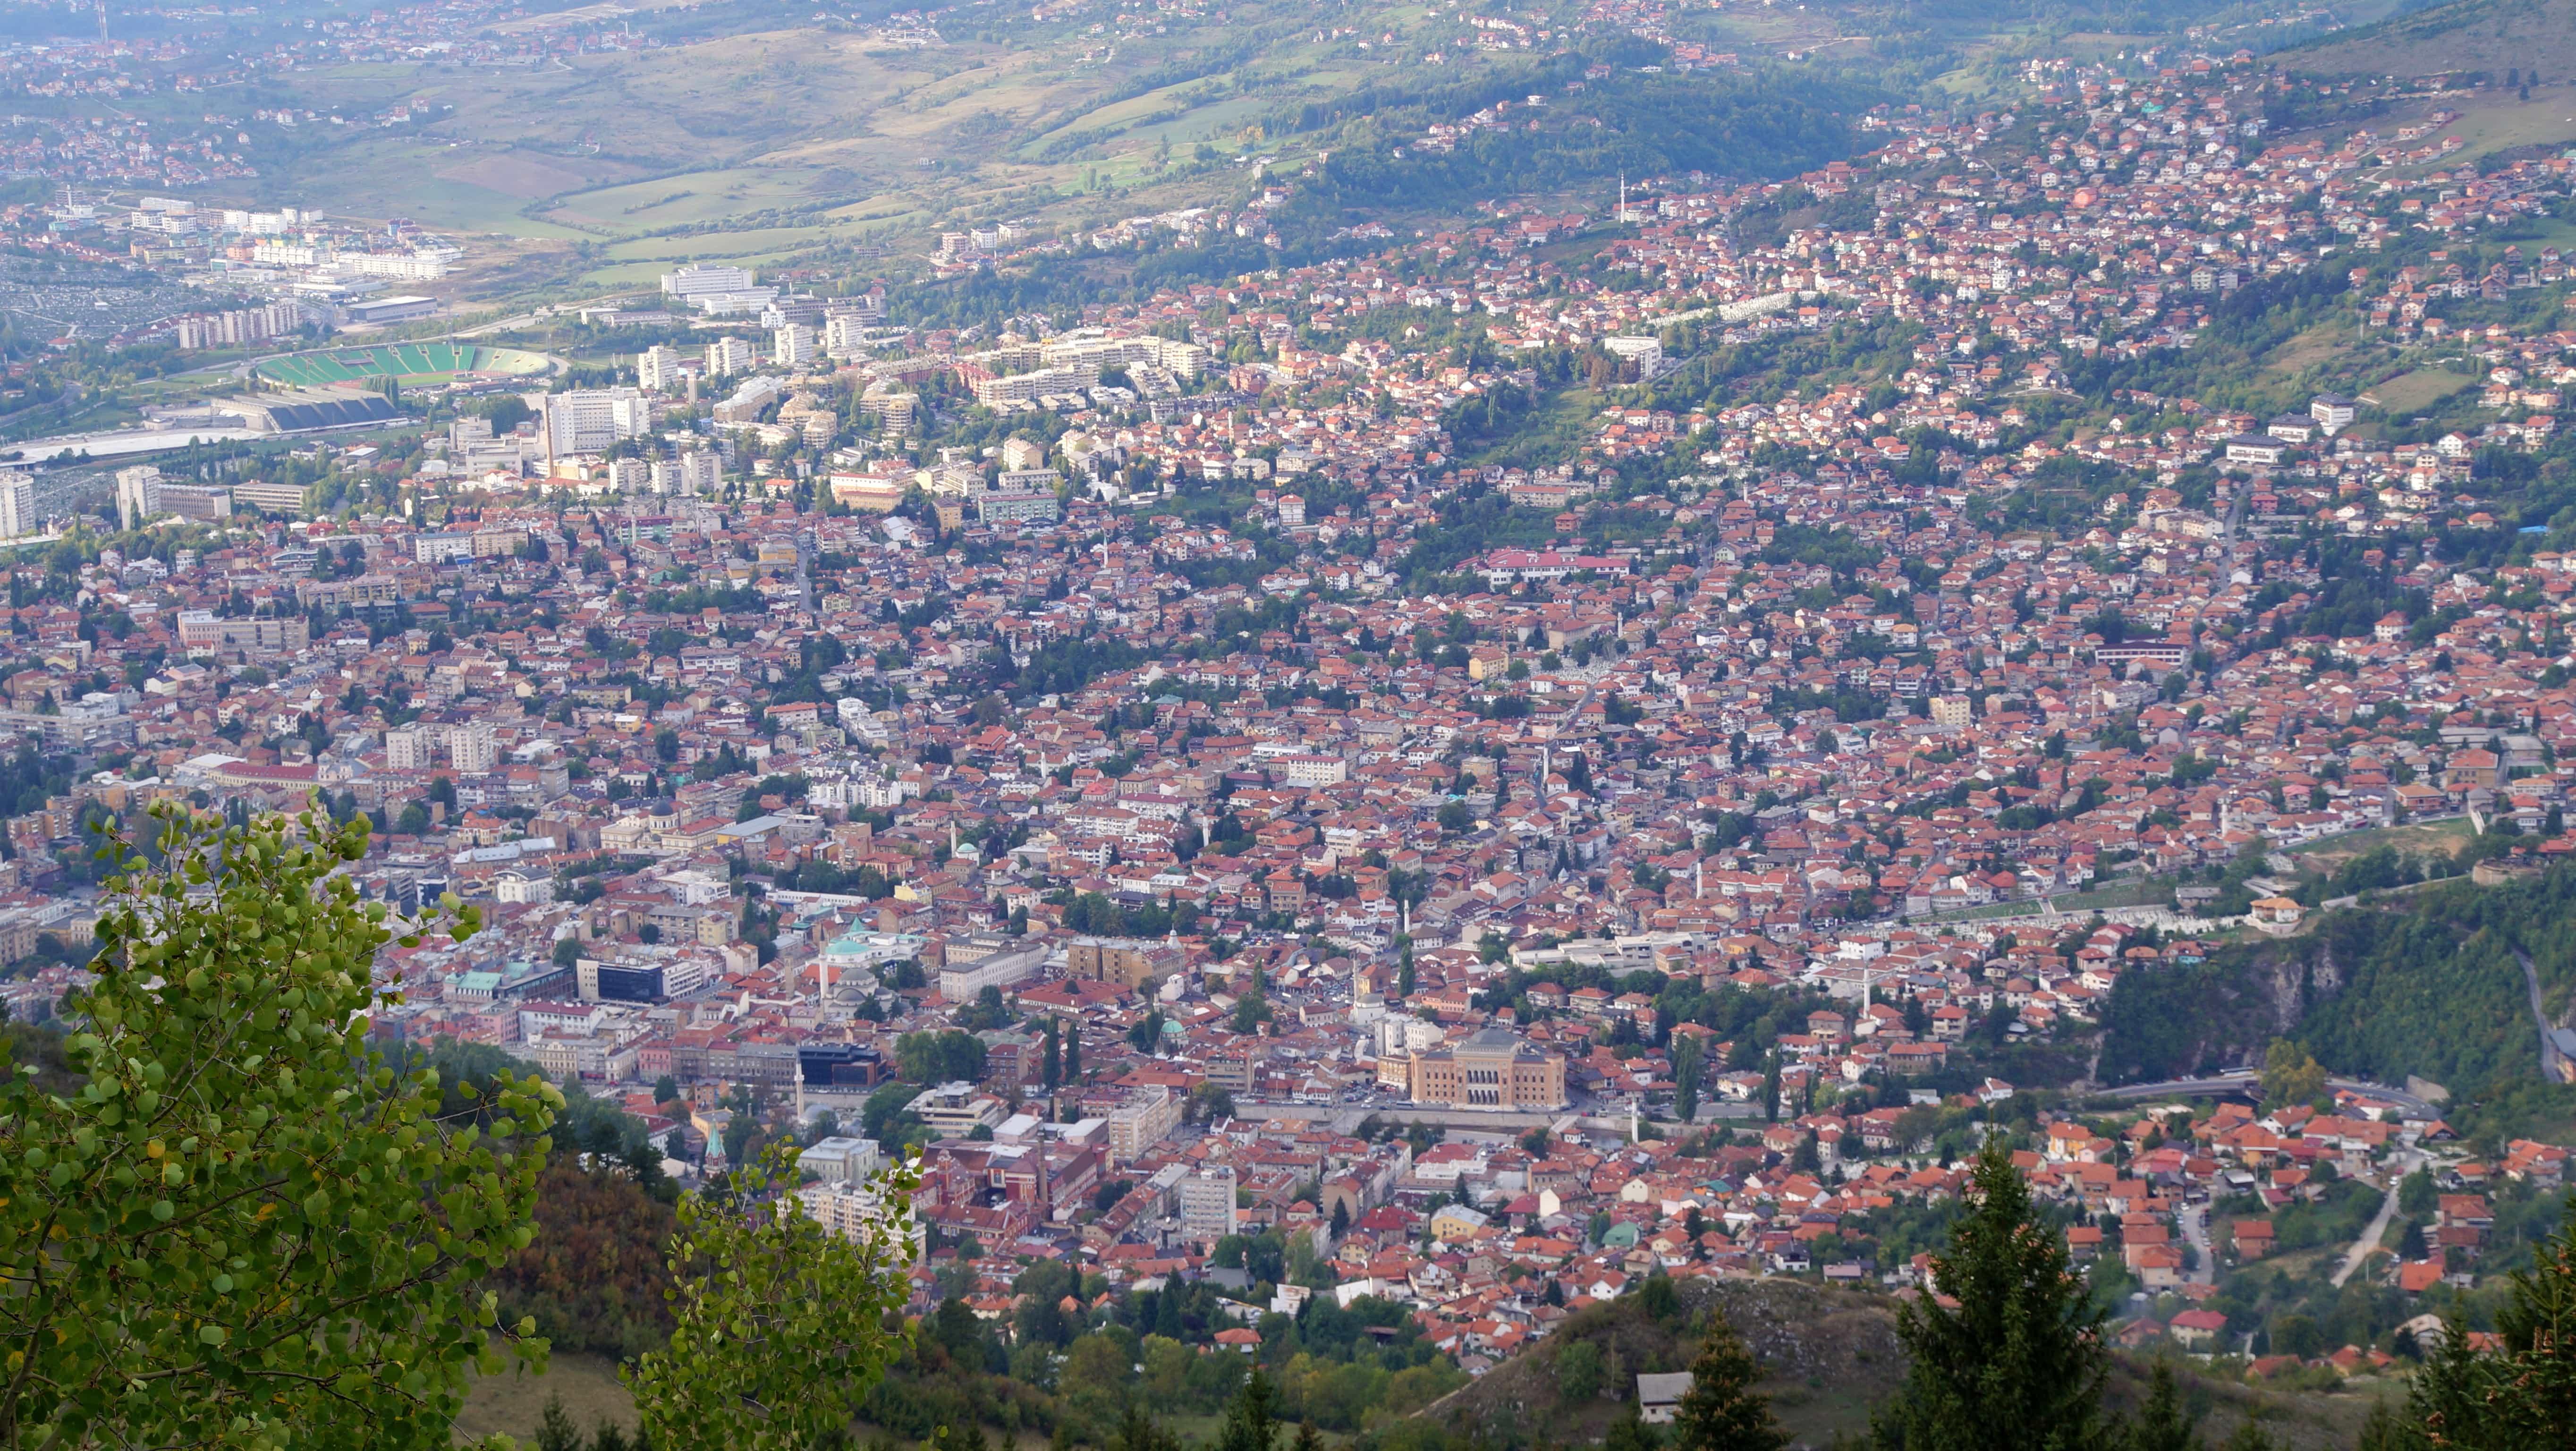 Blick von oben auf Sarajevo in Bosnien Herzegowina